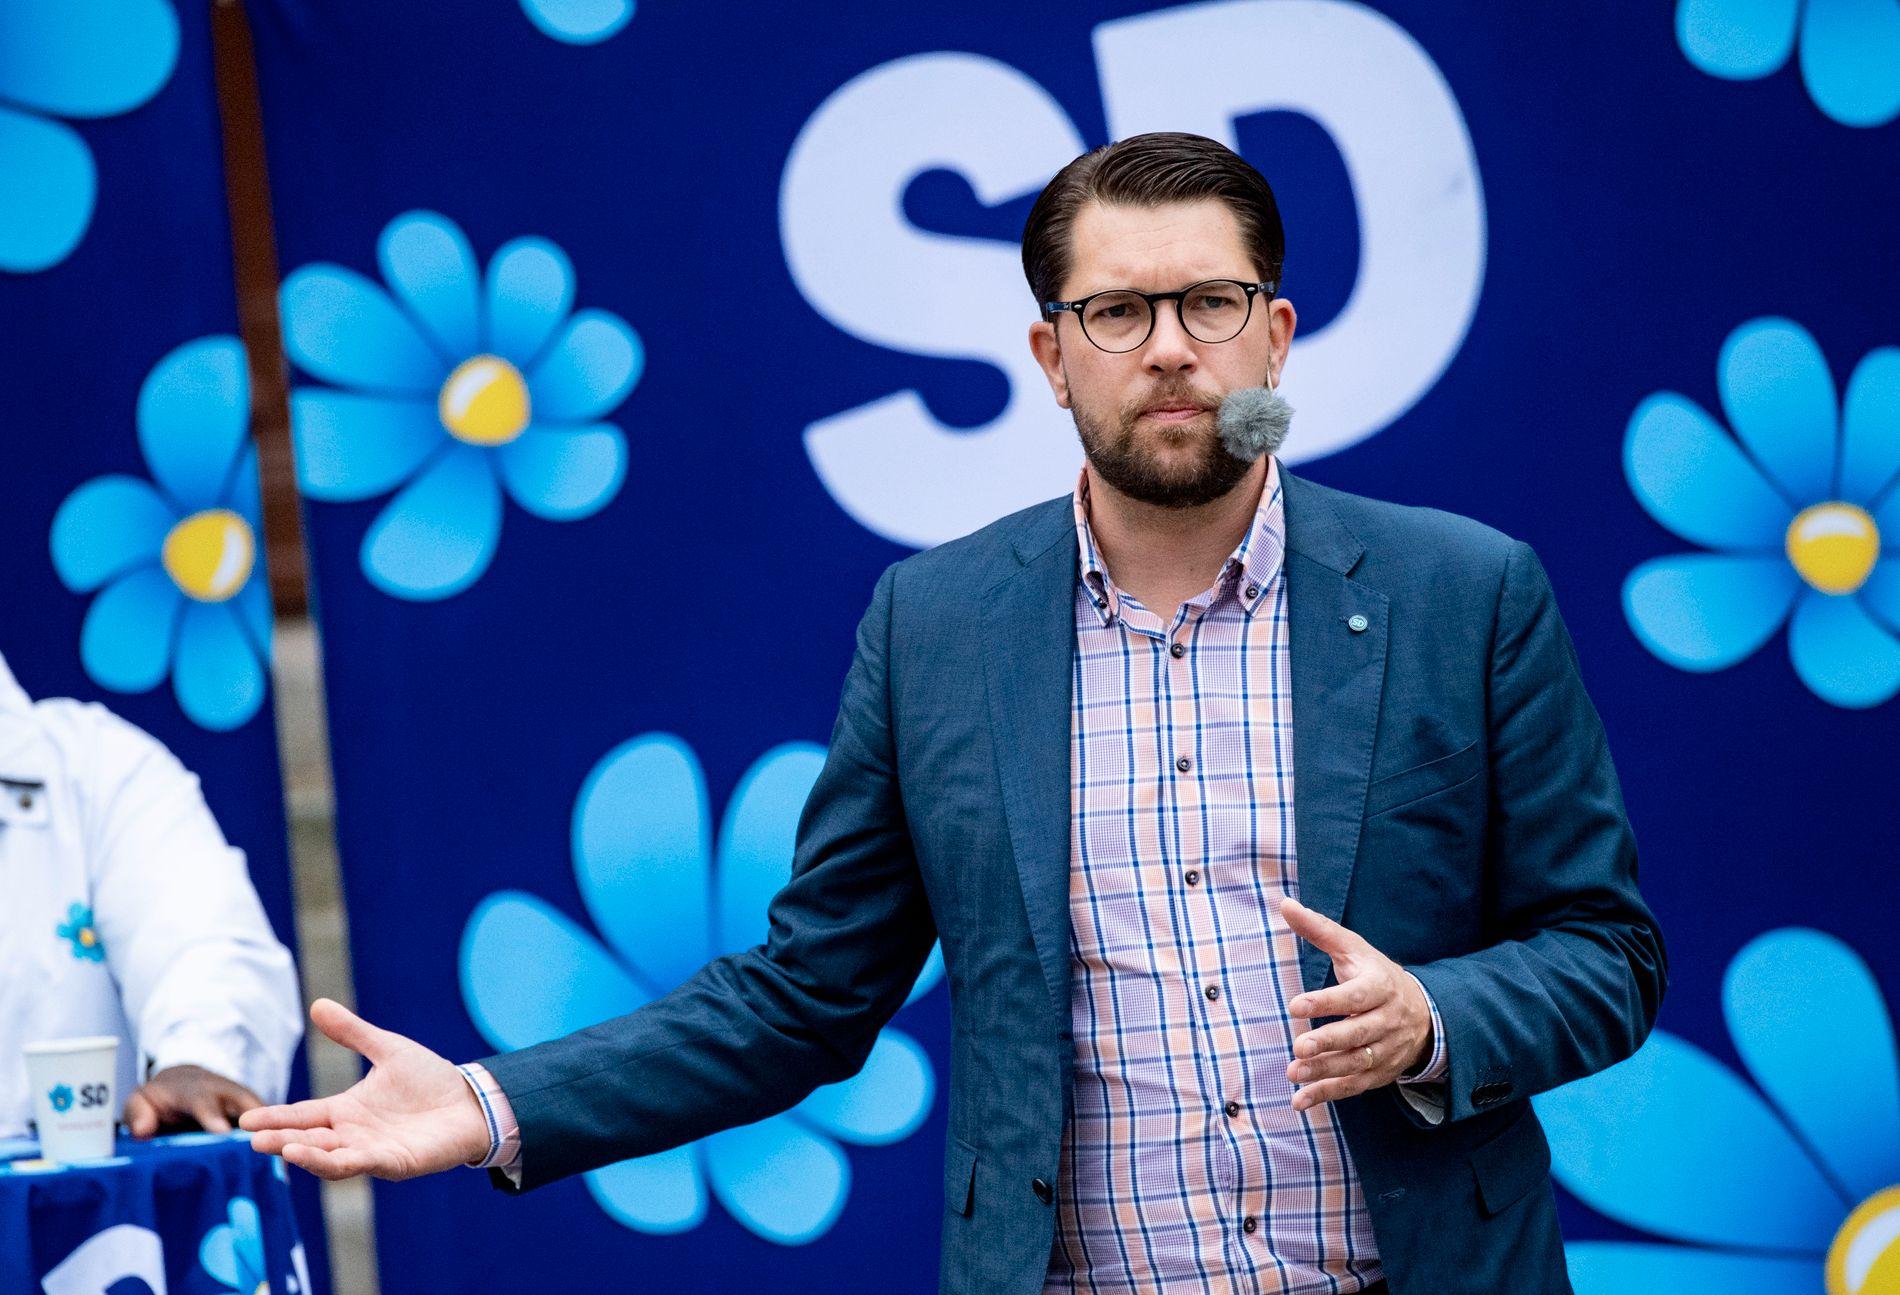 MER POPULÆR I FRP: Sverigedemokraternas partileder Jimmie Åkesson, her under en valgtale på  Rådmanstorget i Landskrona fredag.